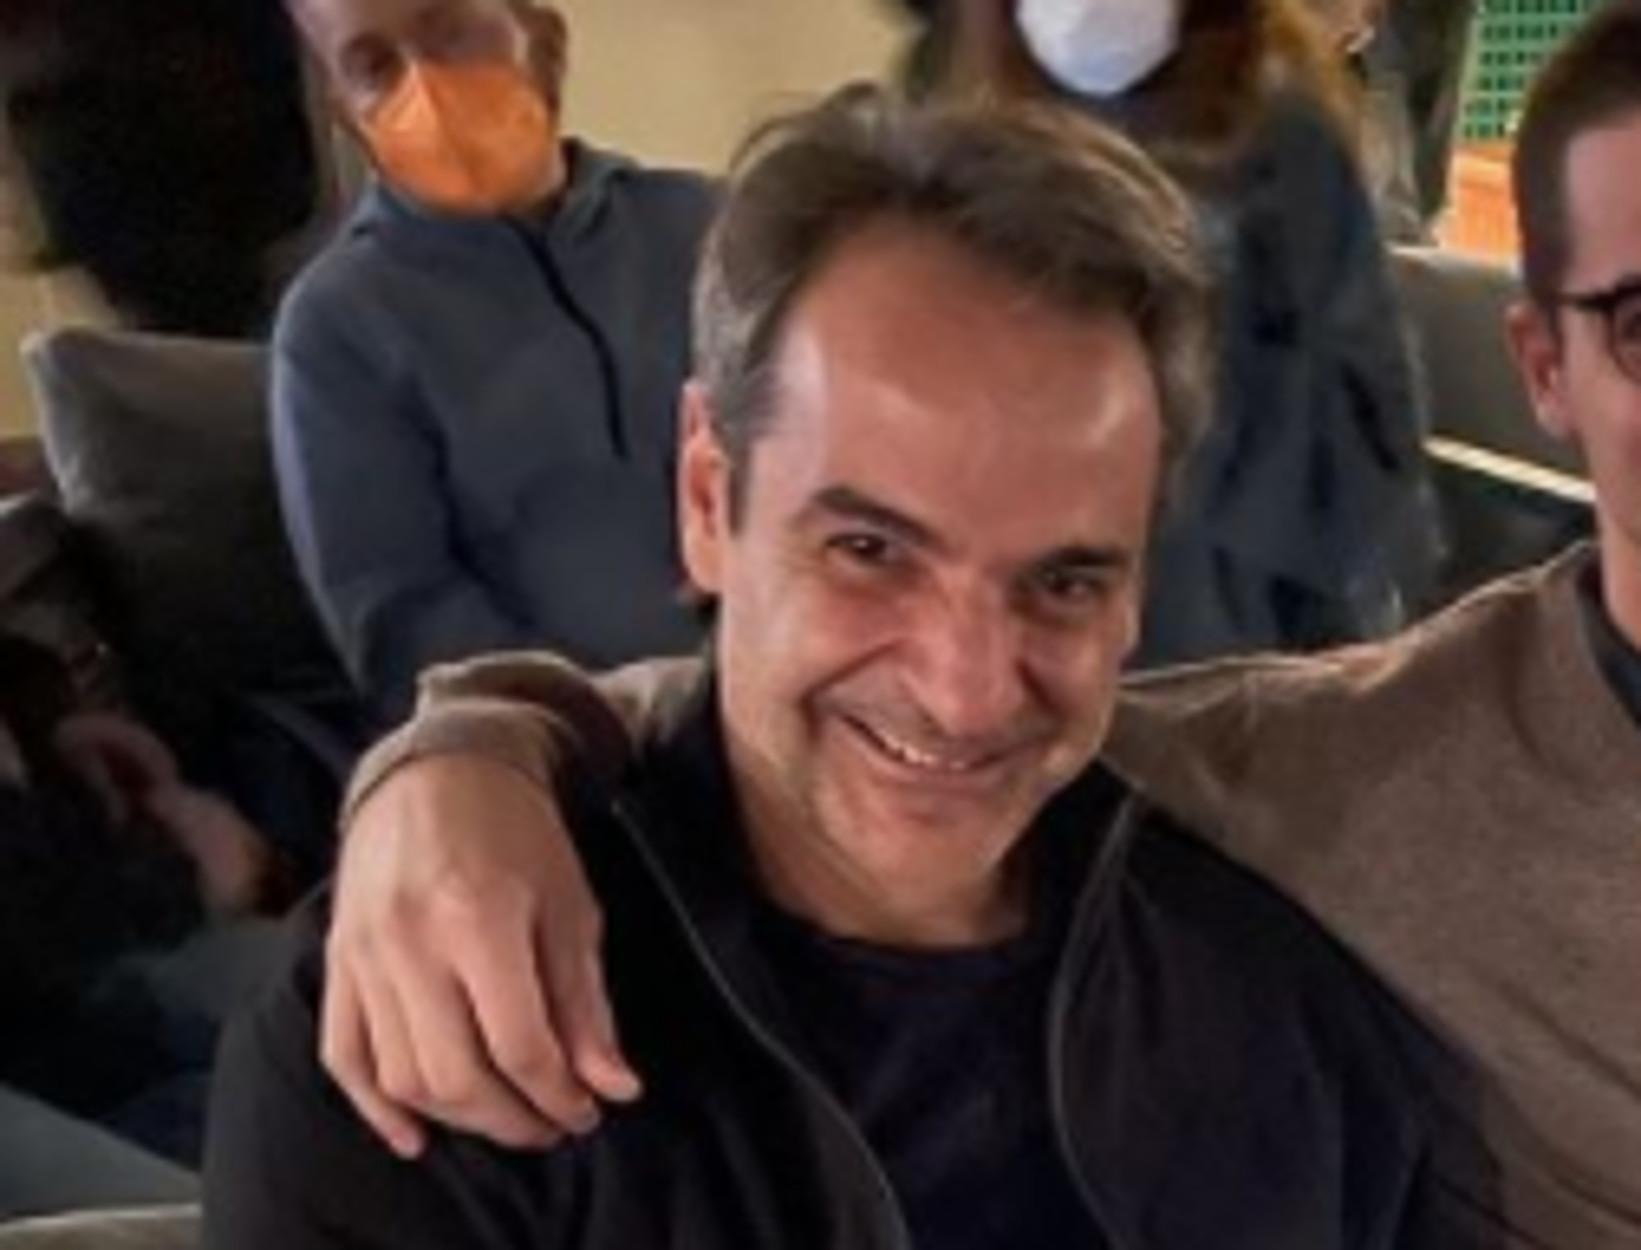 Ο Κυριάκος Μητσοτάκης στο σινεμά για τη νέα ταινία James Bond – Η φωτογραφία με τον Κωνσταντίνο